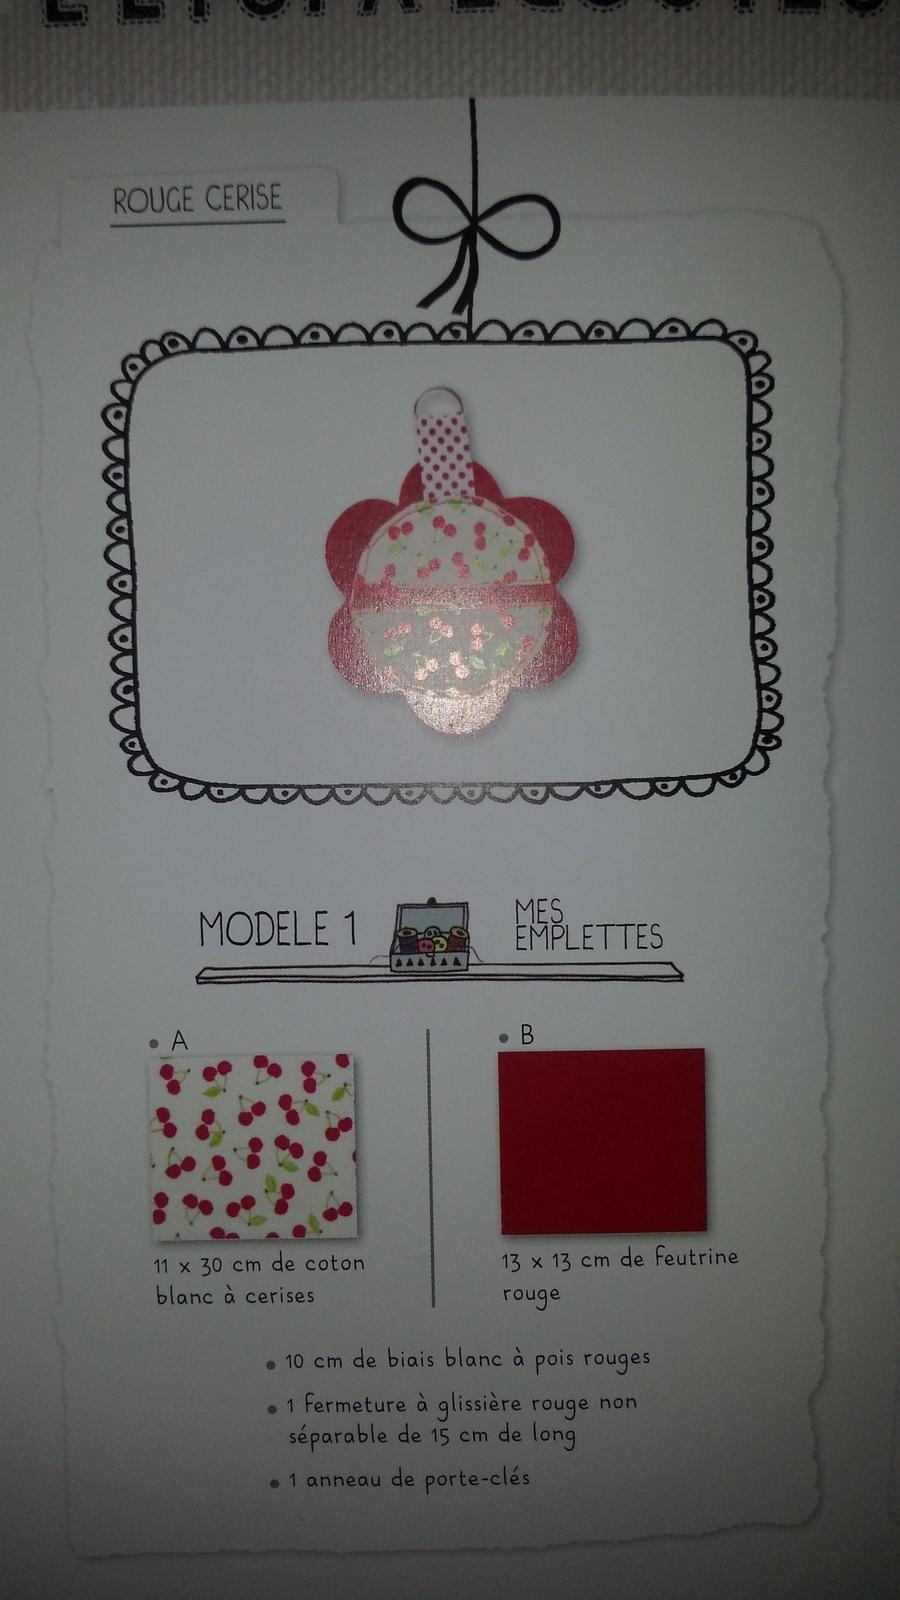 J'ai lu Trousses et Couture sans couture [Edit du 14/09/14]